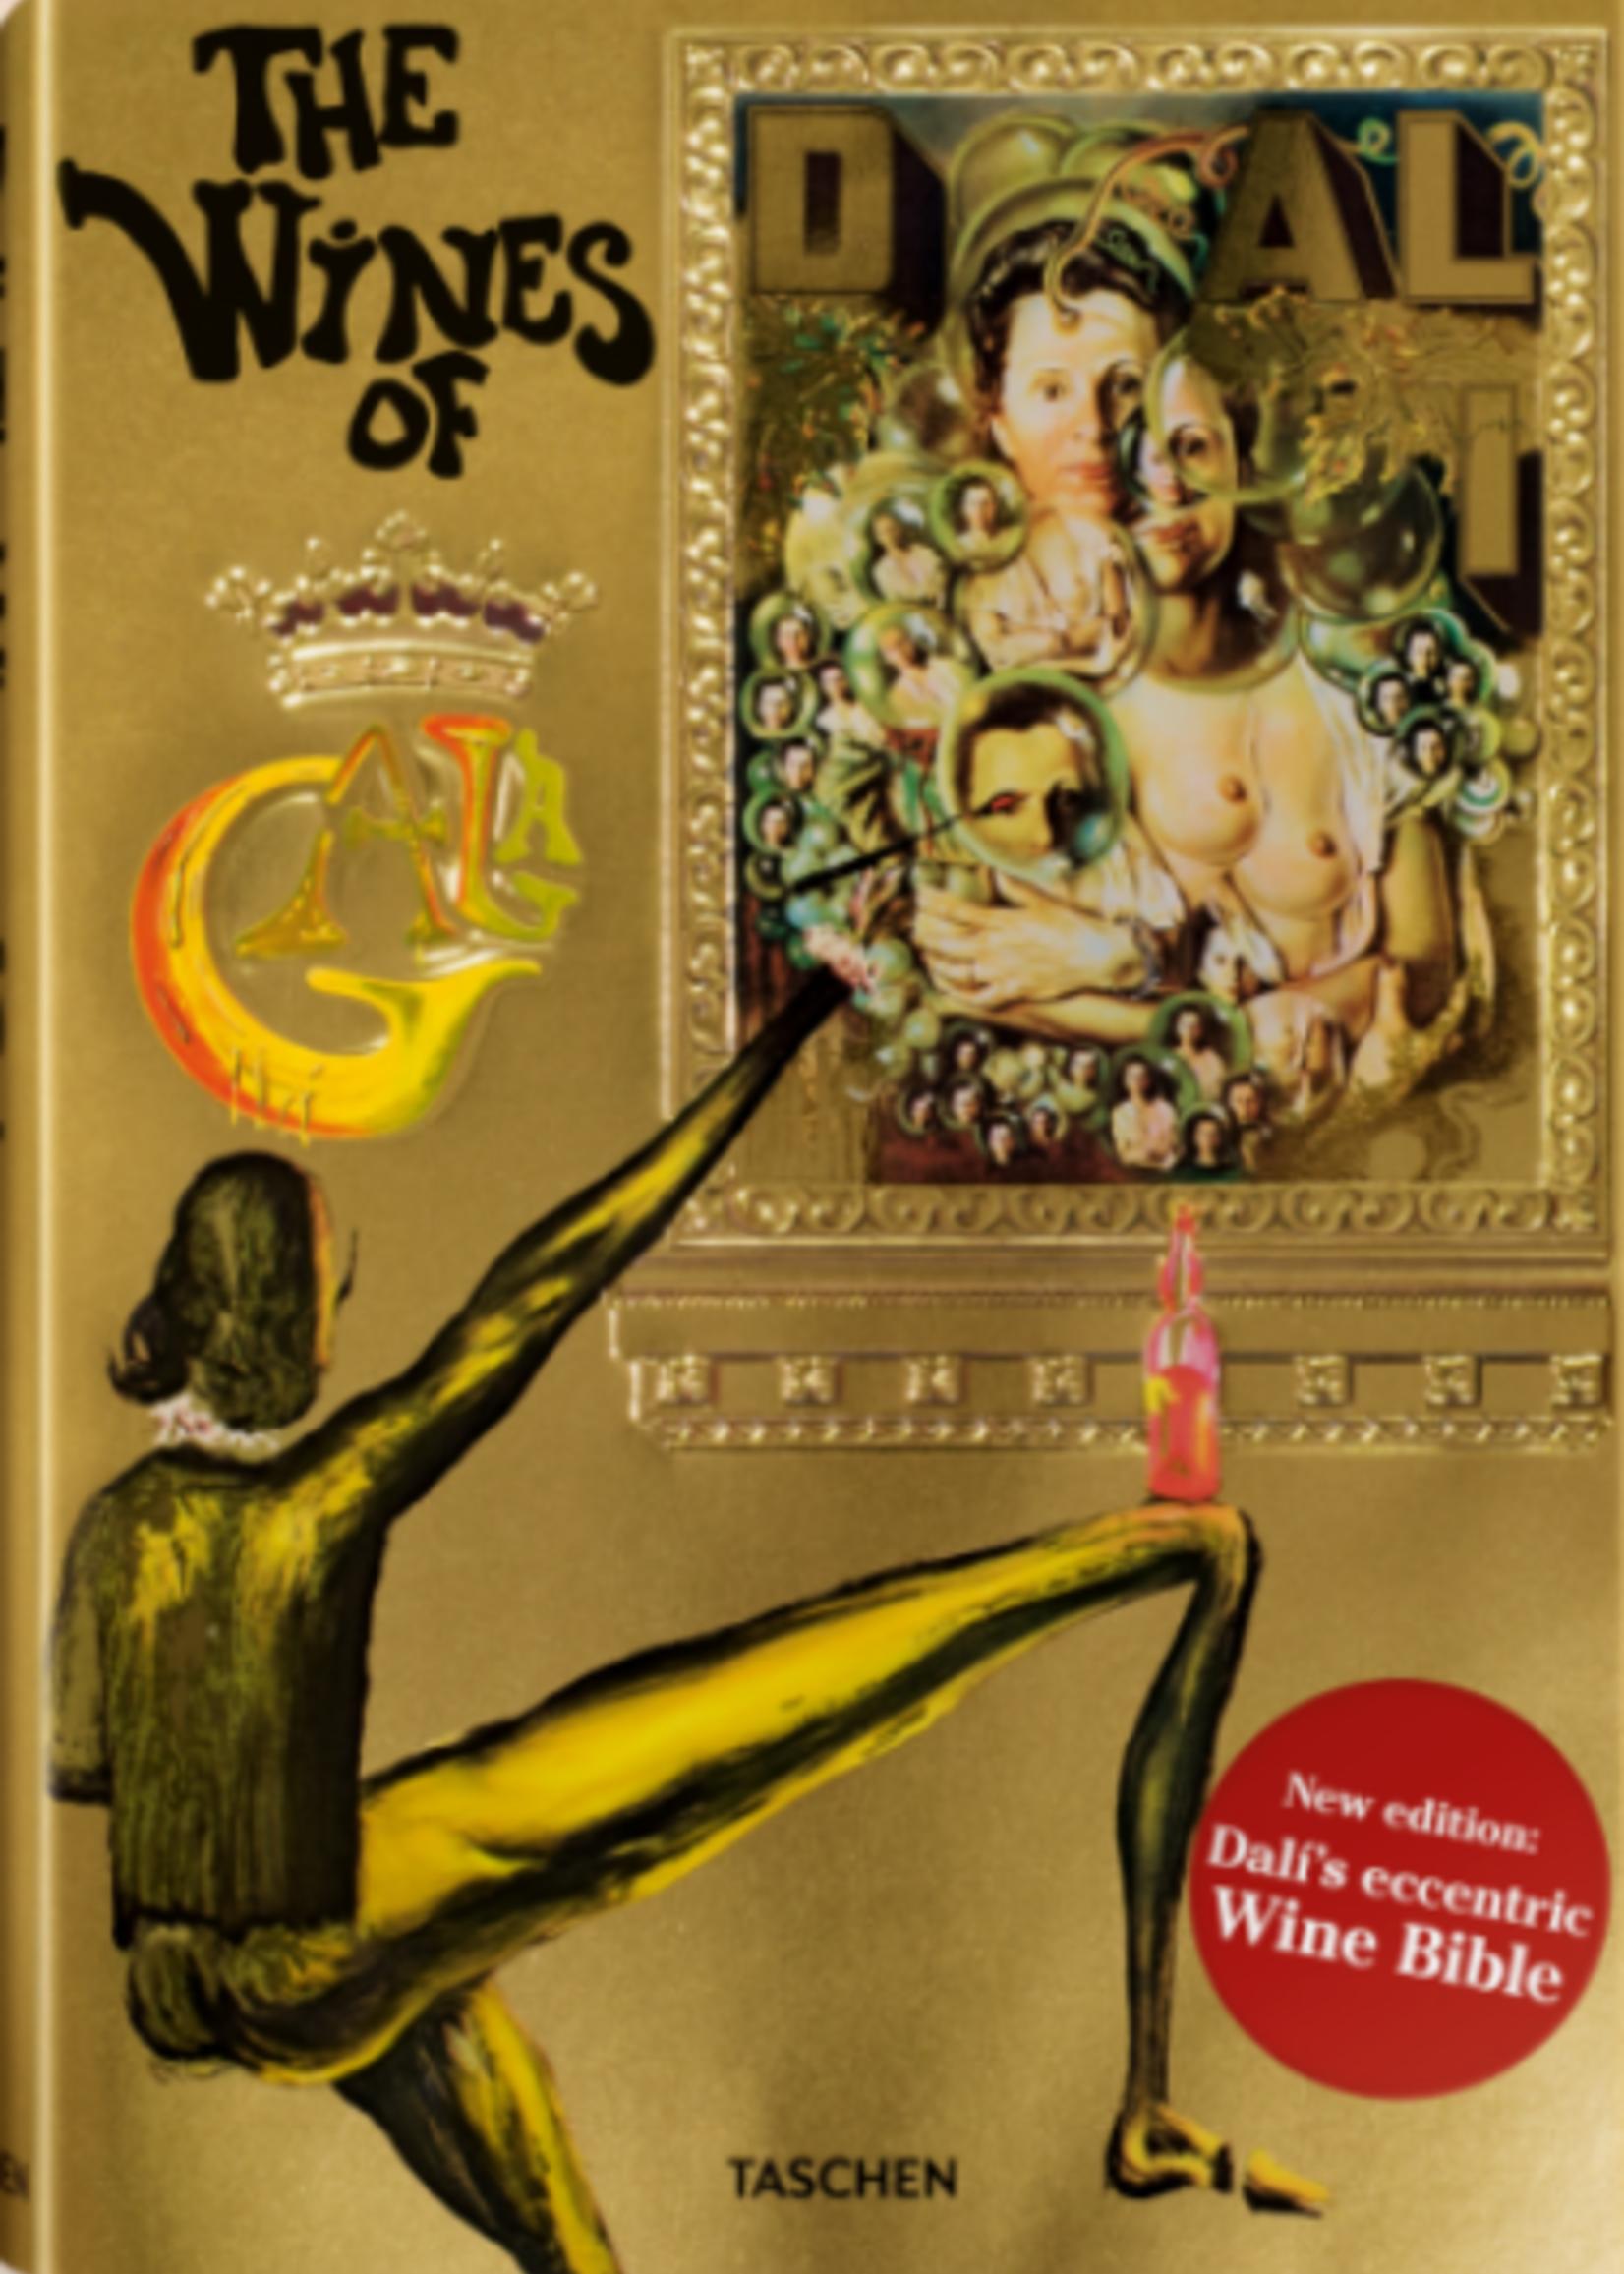 Taschen Taschen Dali: The Wines of Gala